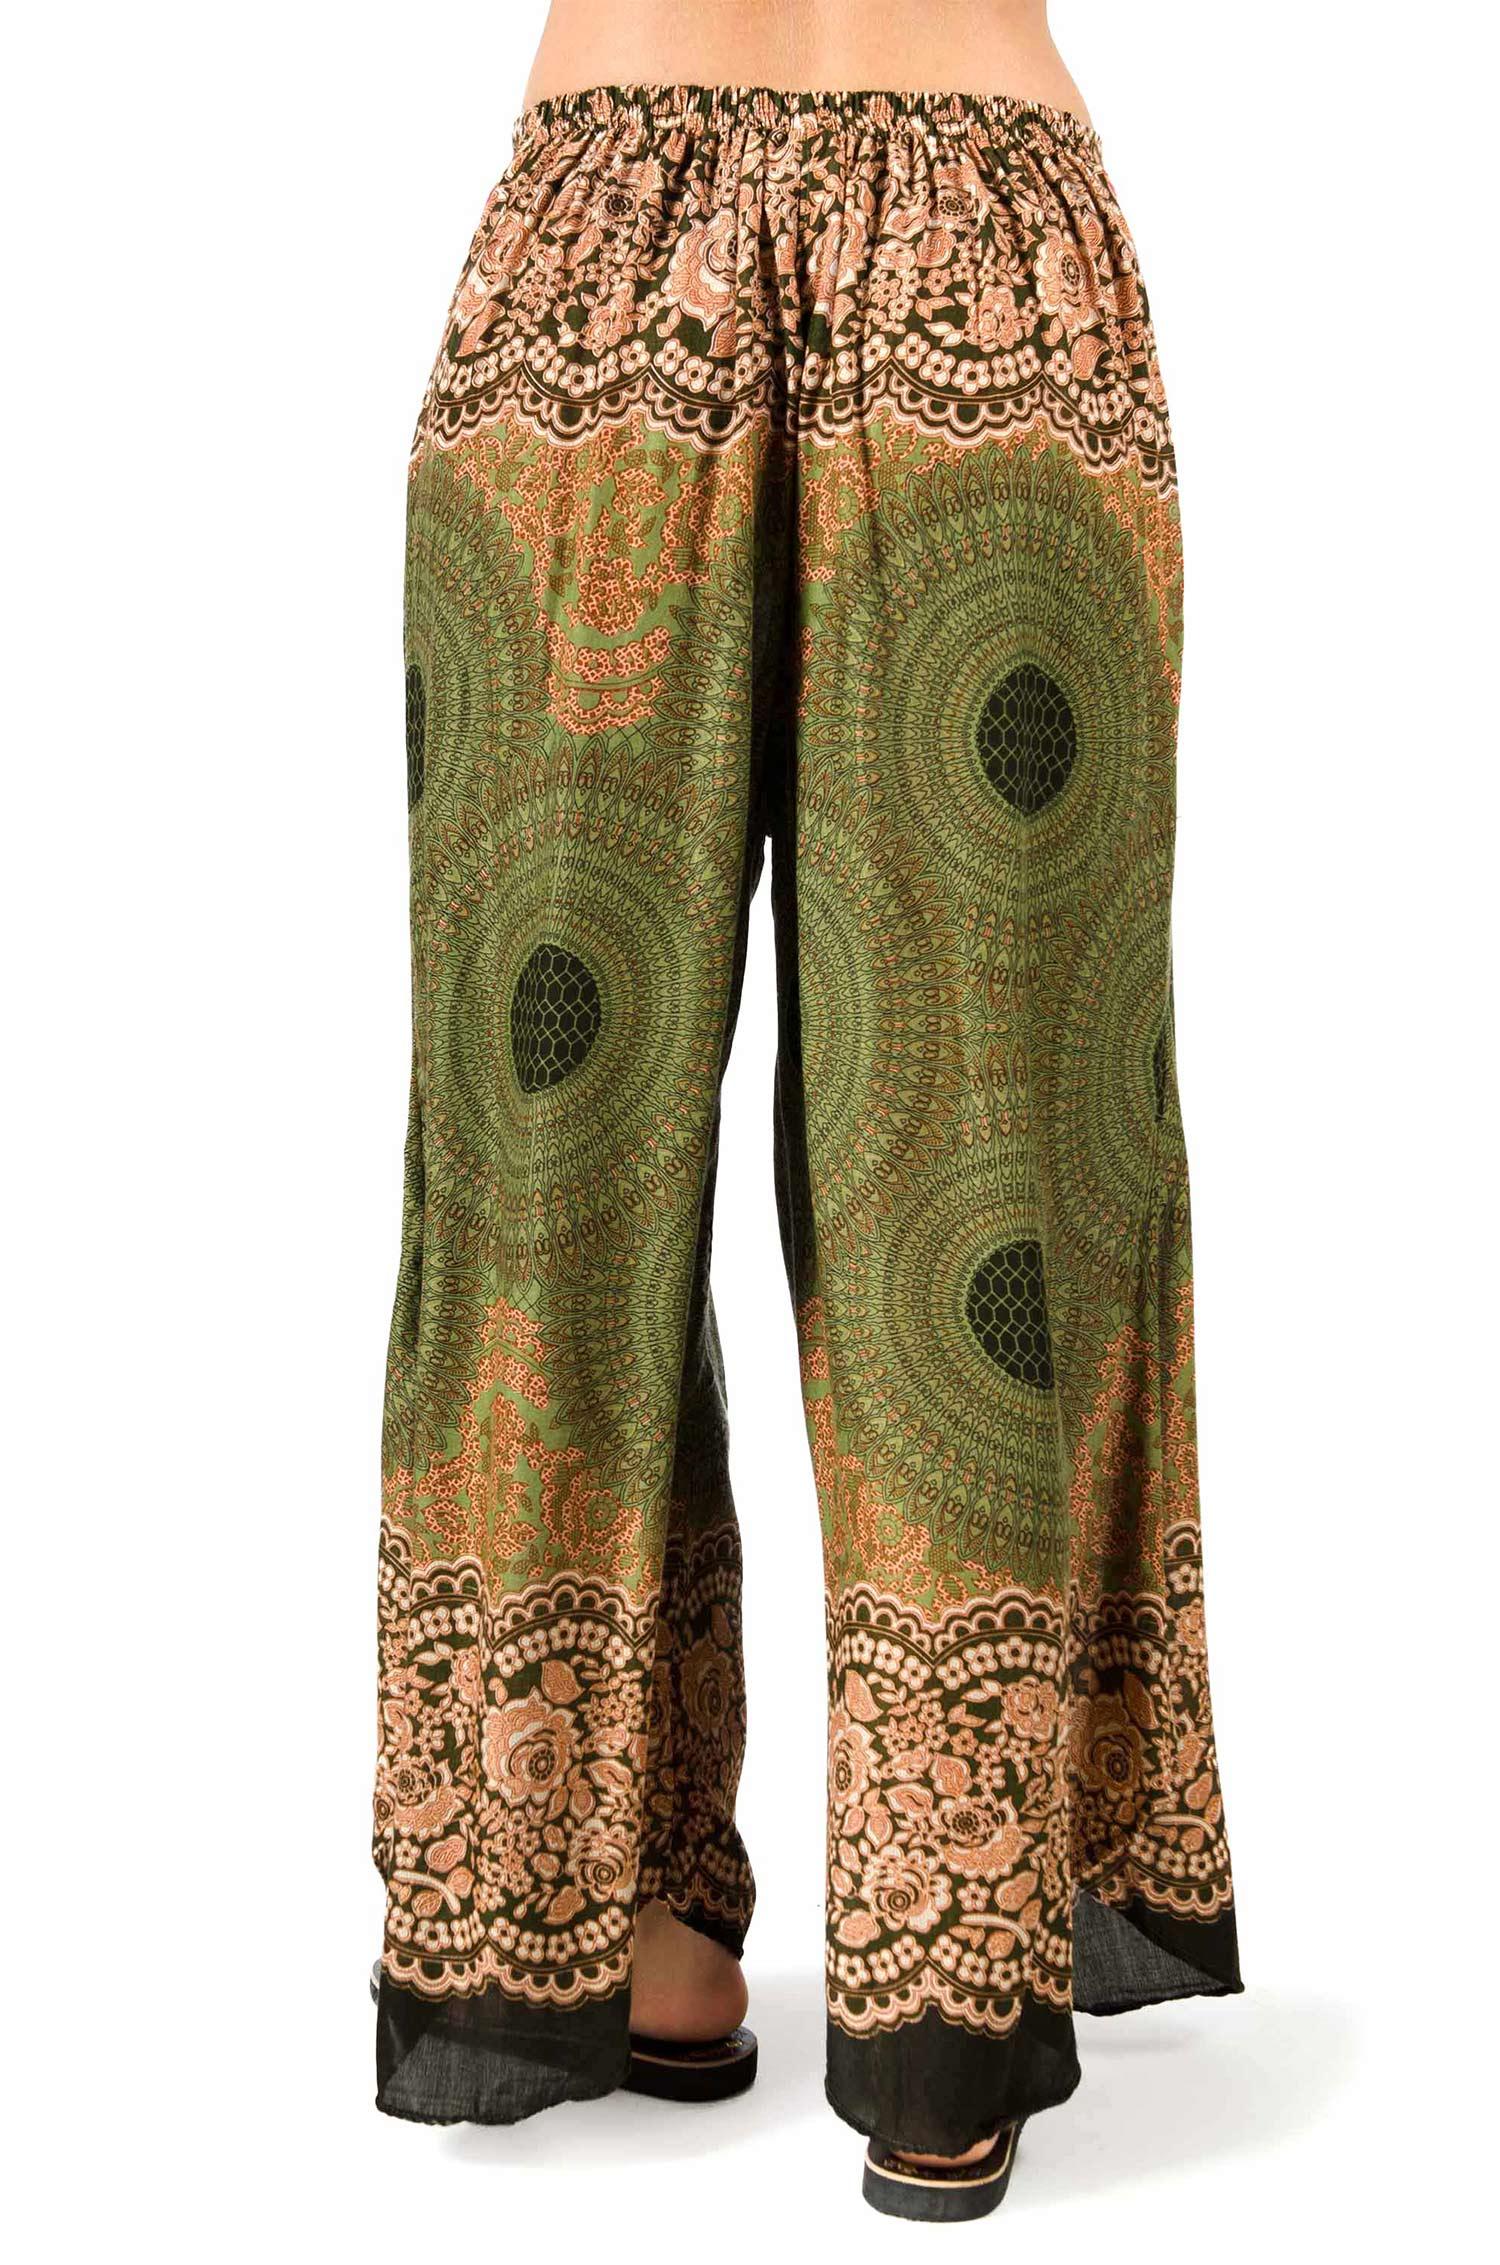 Wide Leg Print Pants - Olive - 3669G